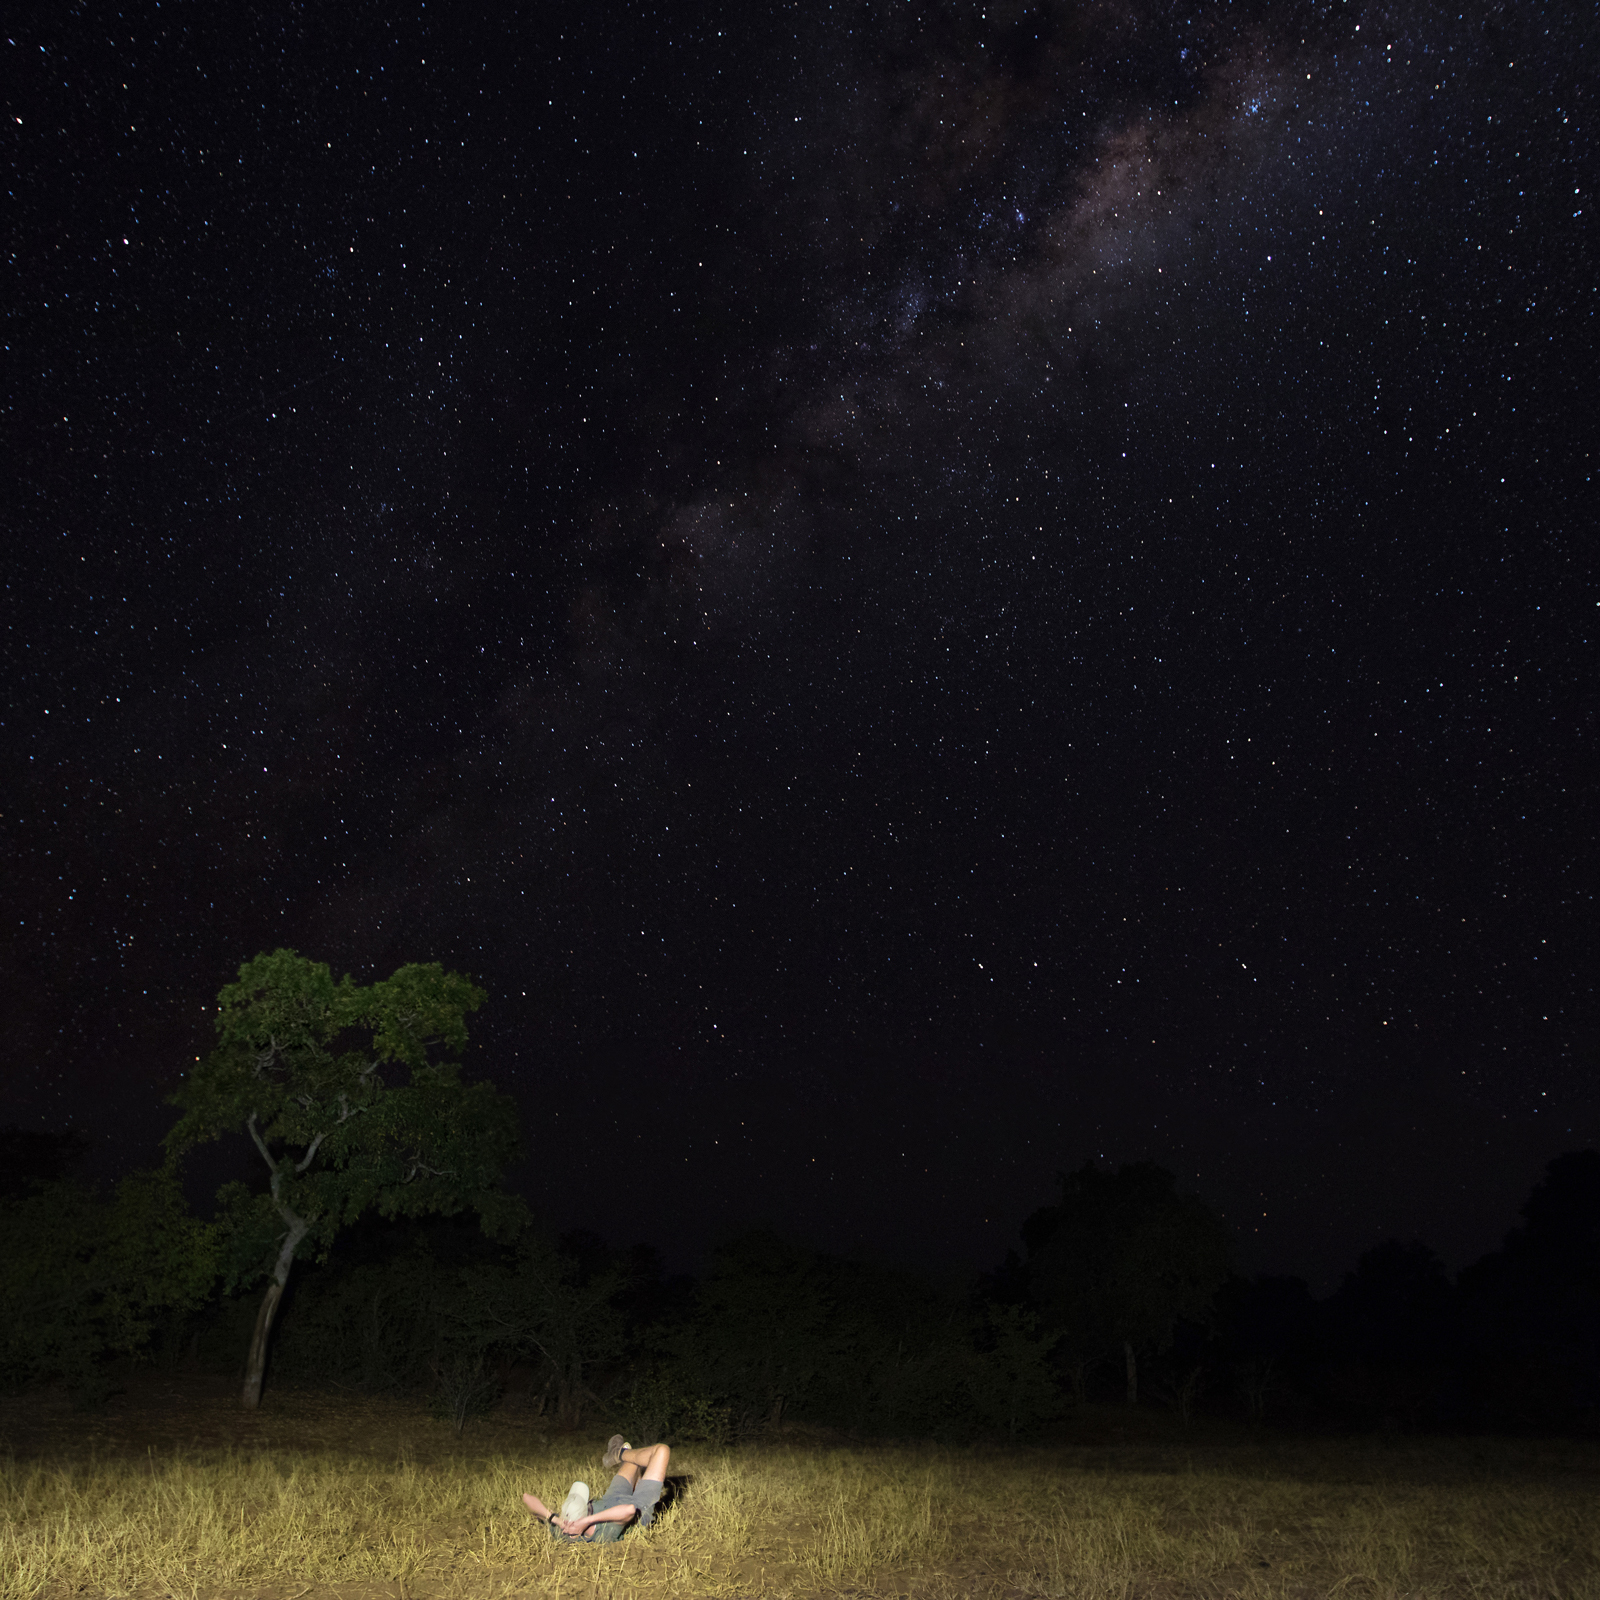 Kruger-National-Park-stars